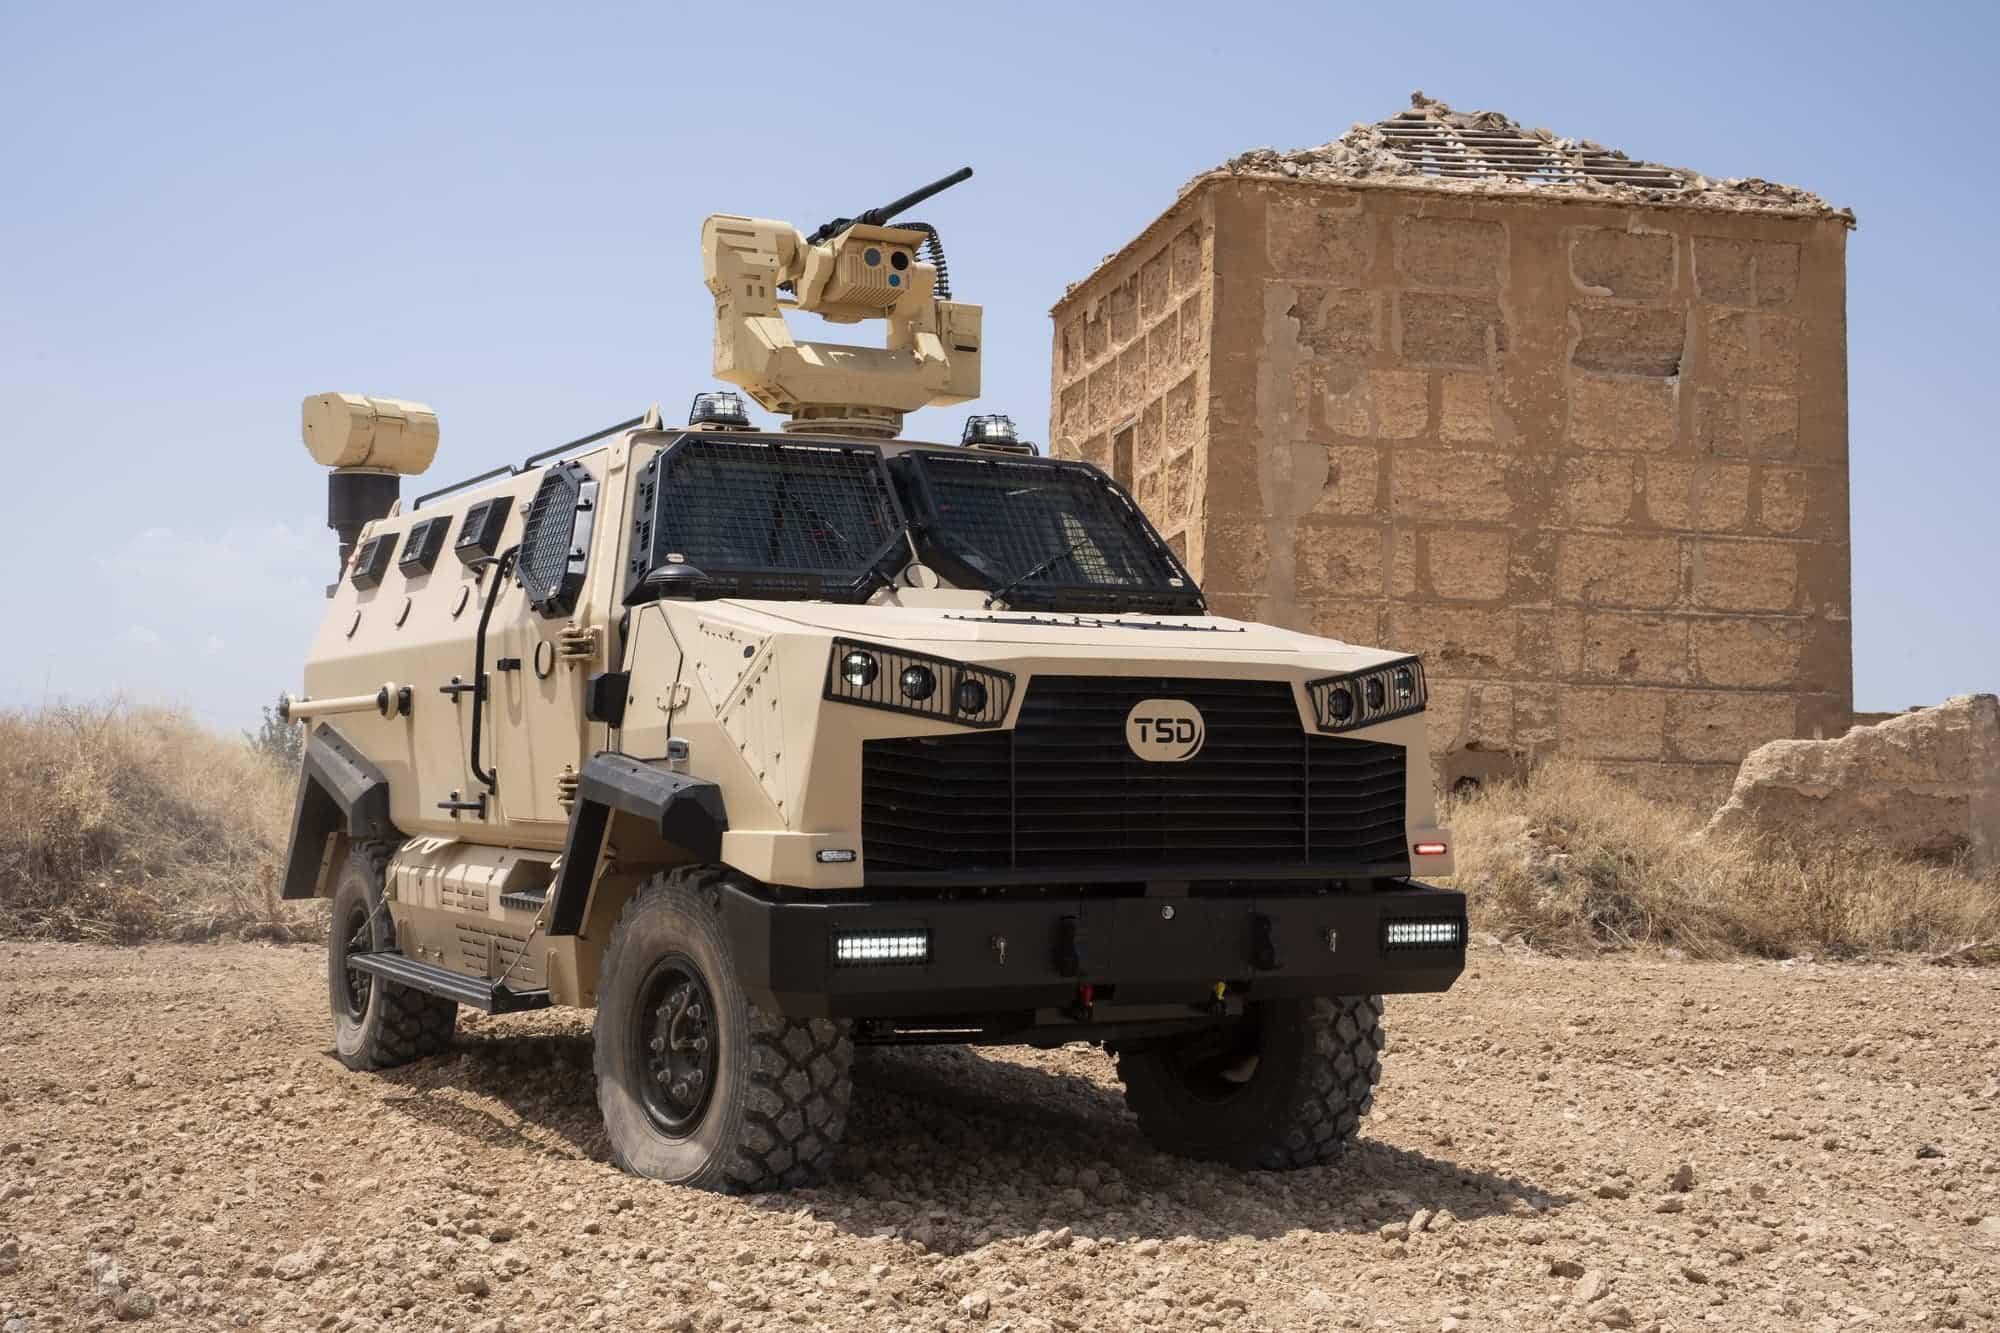 TSD presenta IBERO, un vehículo táctico multipropósito, con adaptabilidad y versatilidad 26